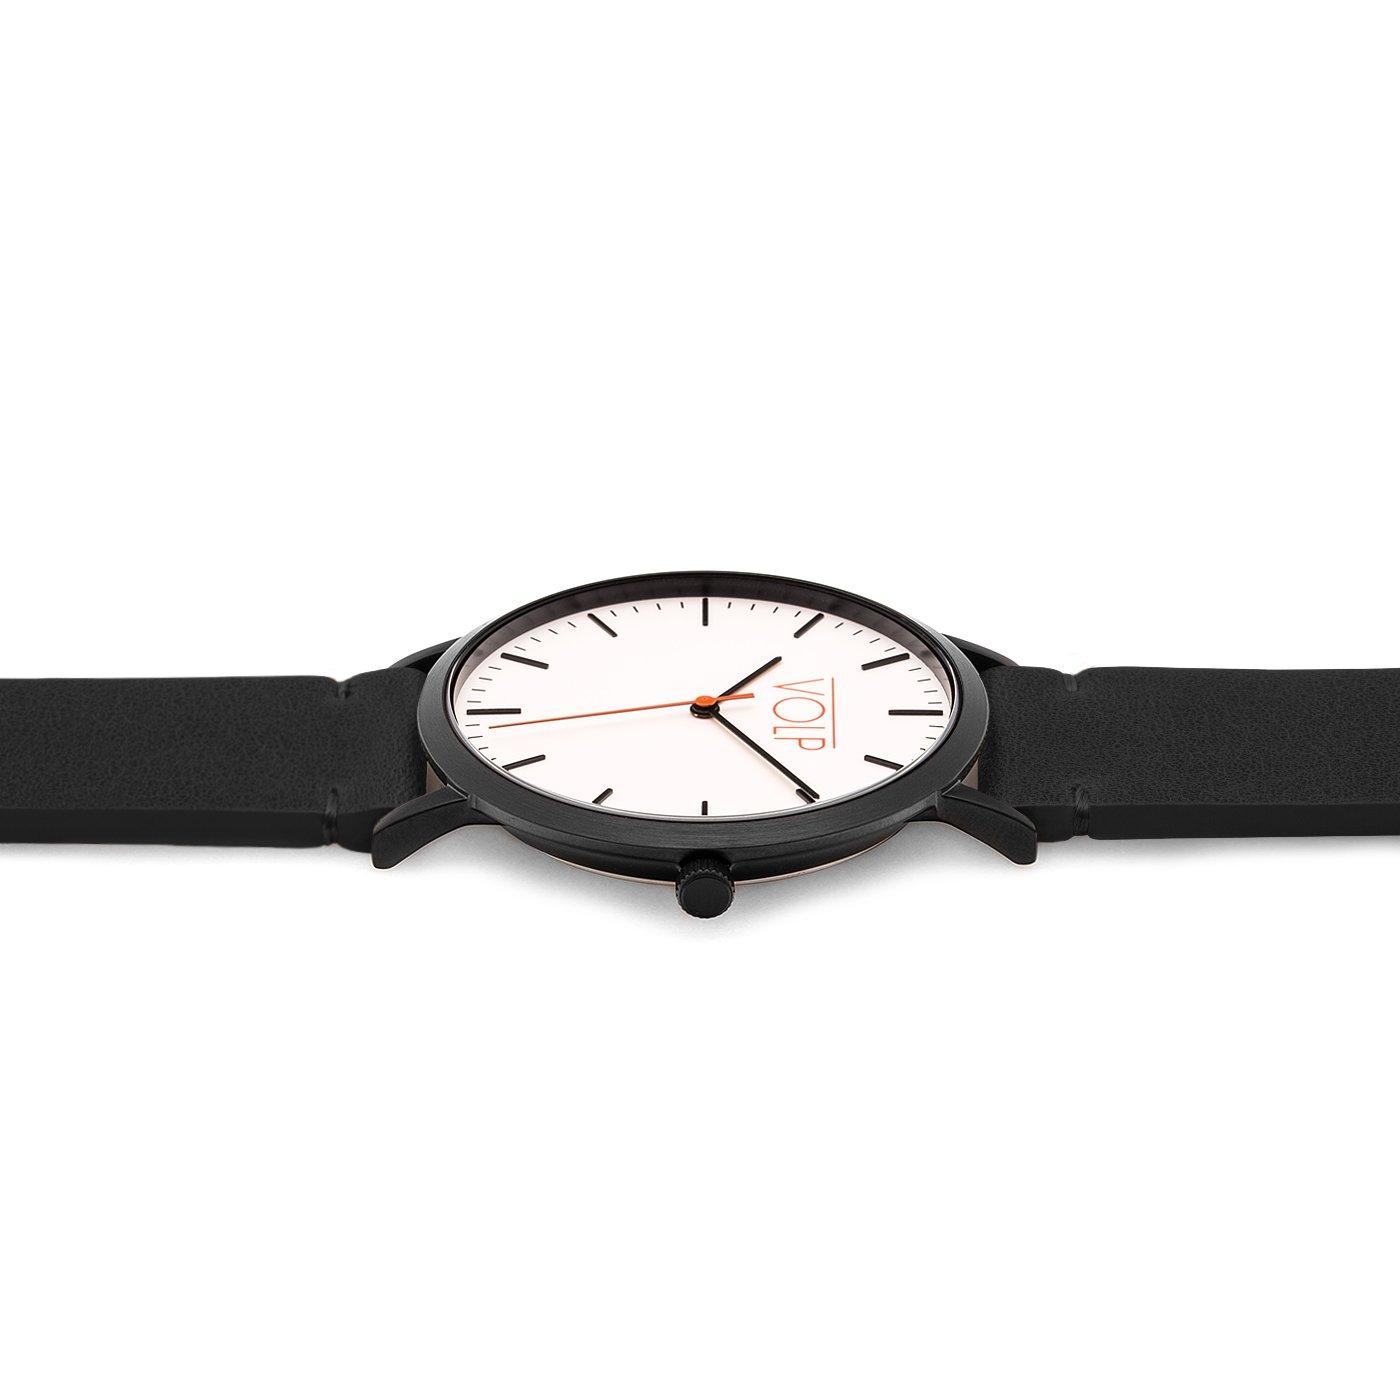 Reloj Vegano Unisex de Pulsera. VOLP Negro/Negro, de Acero Inoxidable (42 mm). Correas Intercambiables de Piel Vegana.: Amazon.es: Relojes